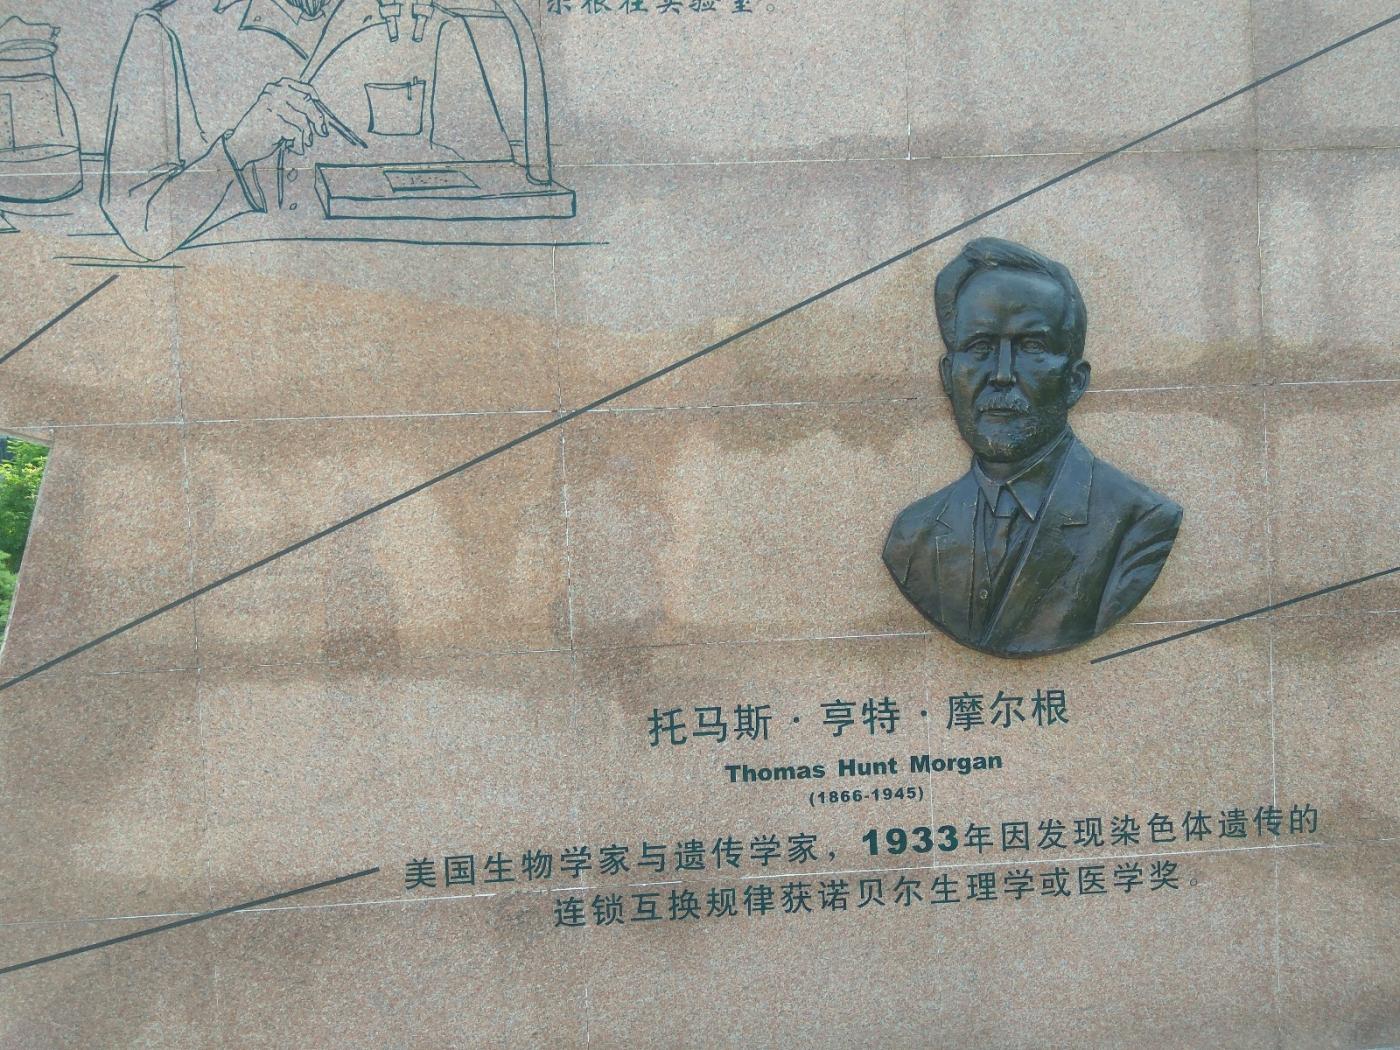 群雕:中外医学大师(图)_图1-21